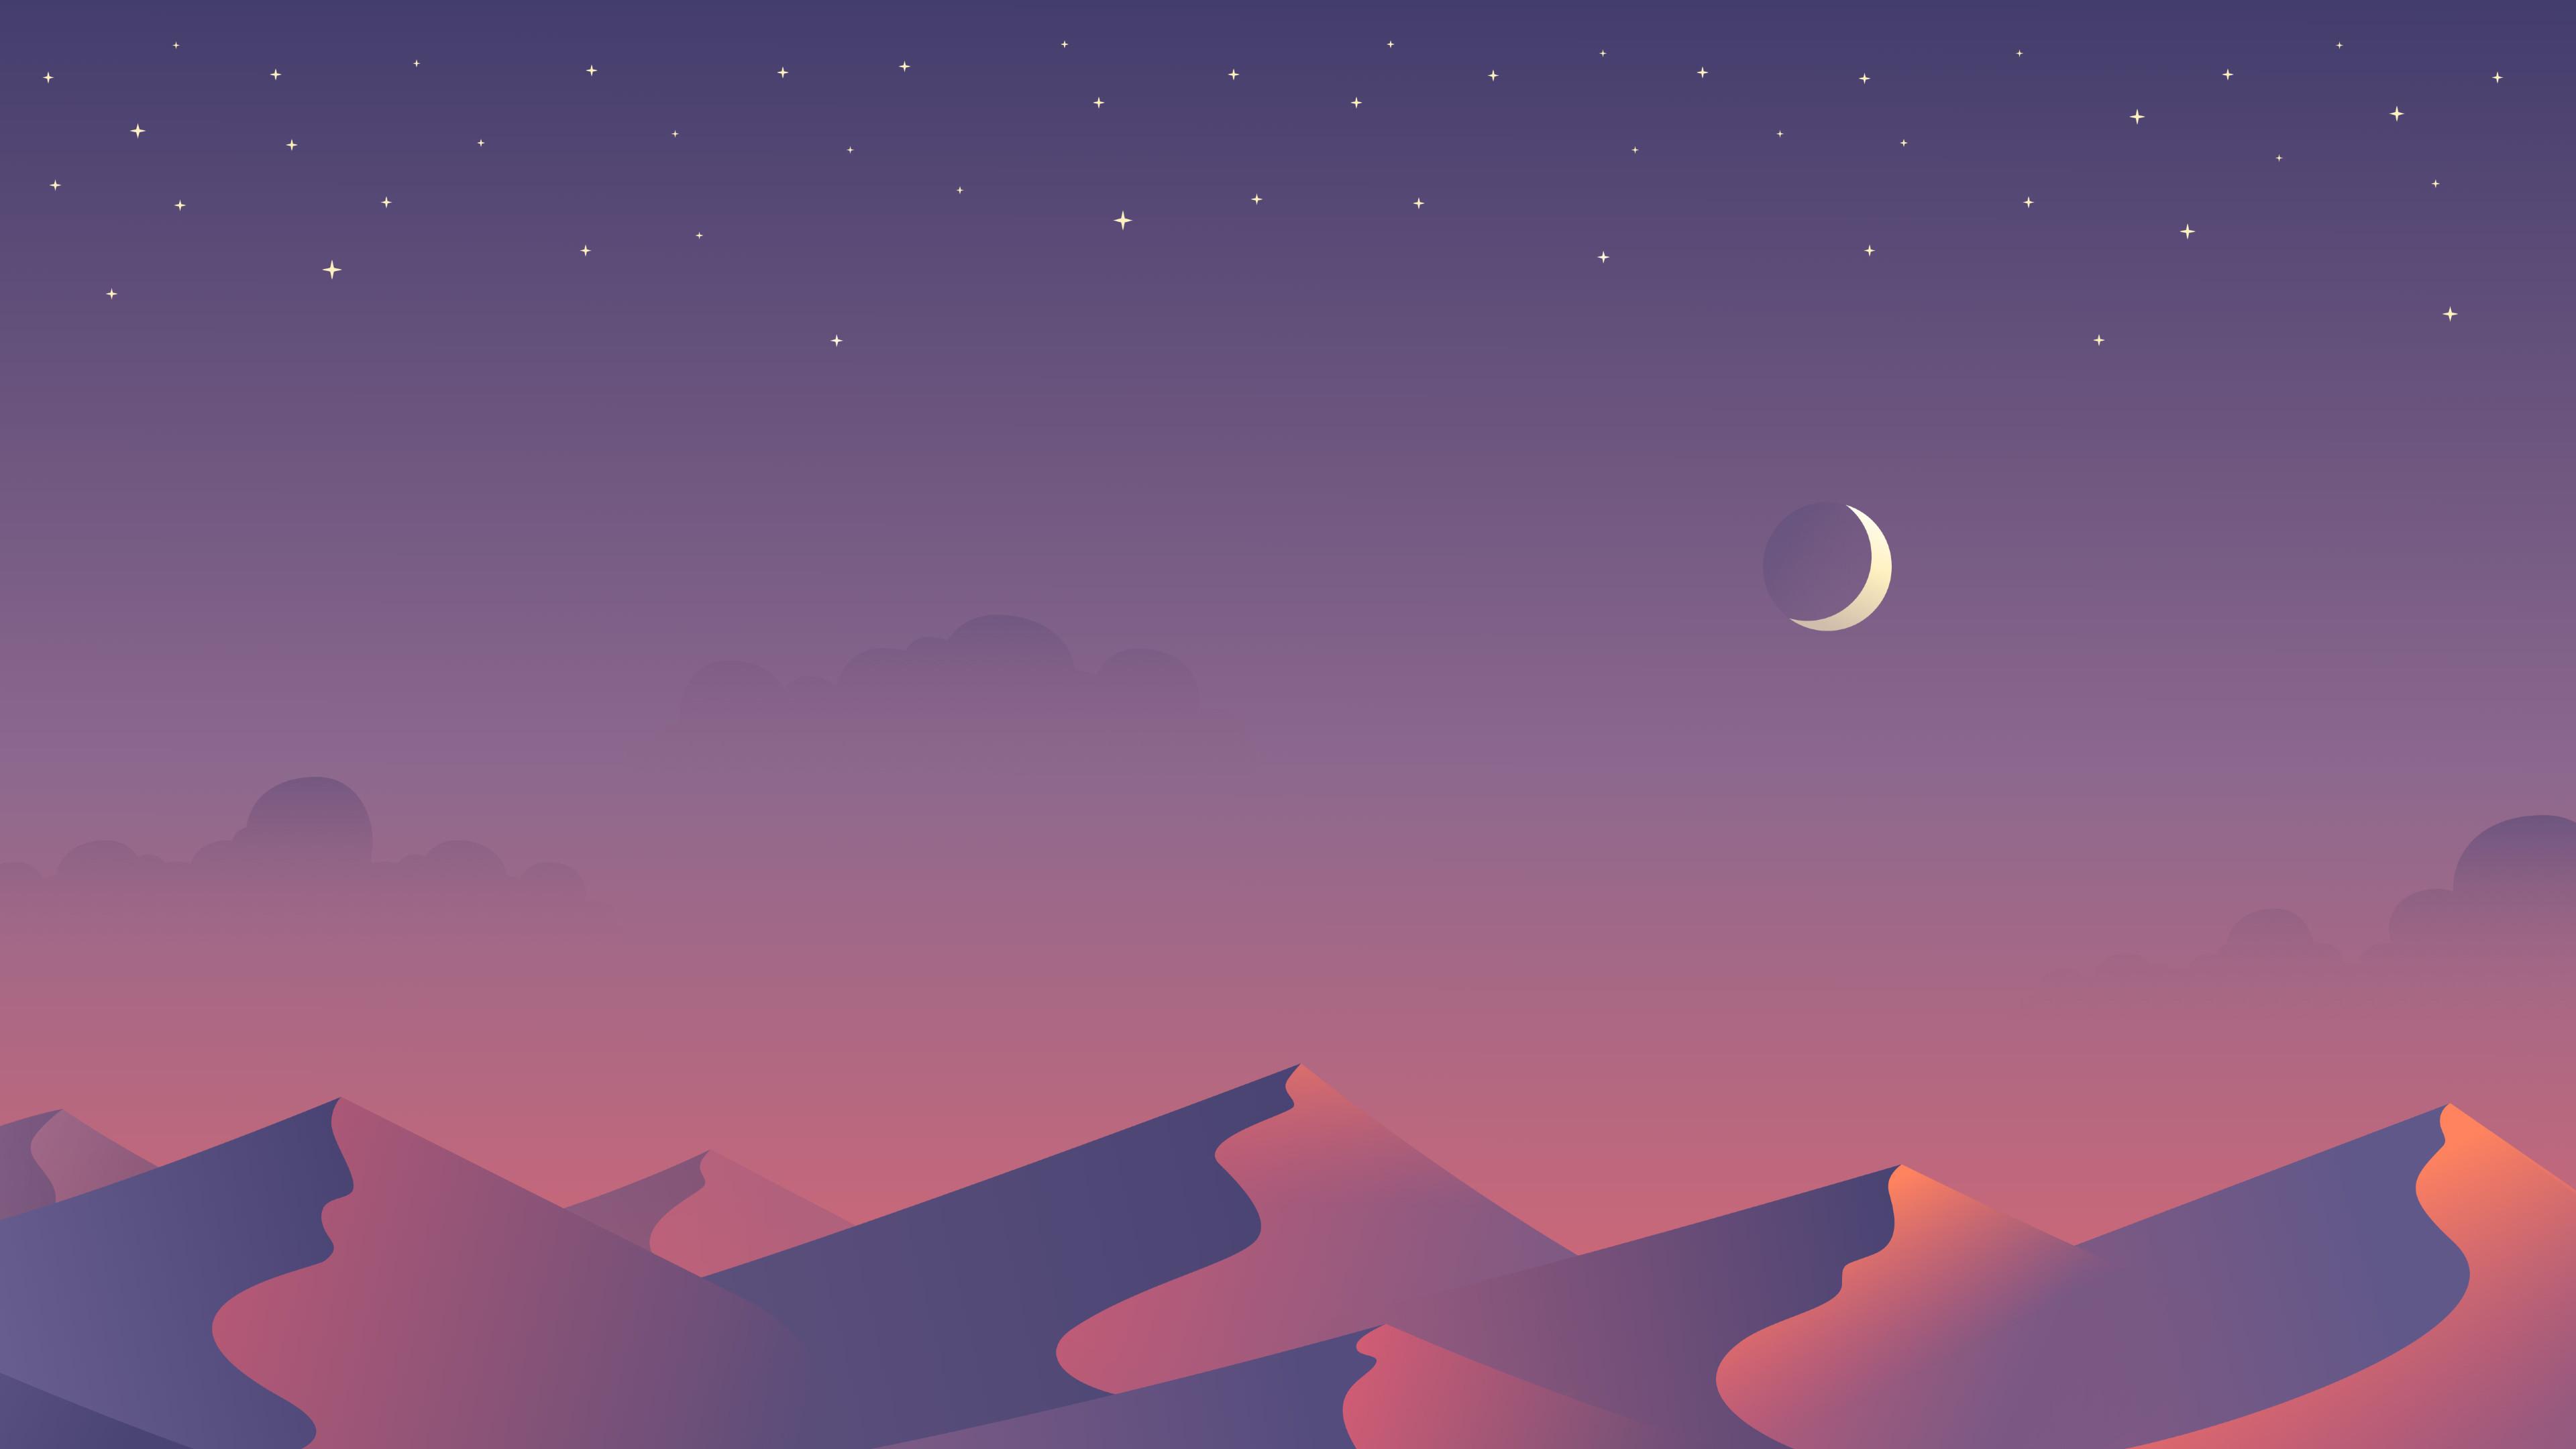 Minimalist Purple 4k Wallpaper 3840x2160